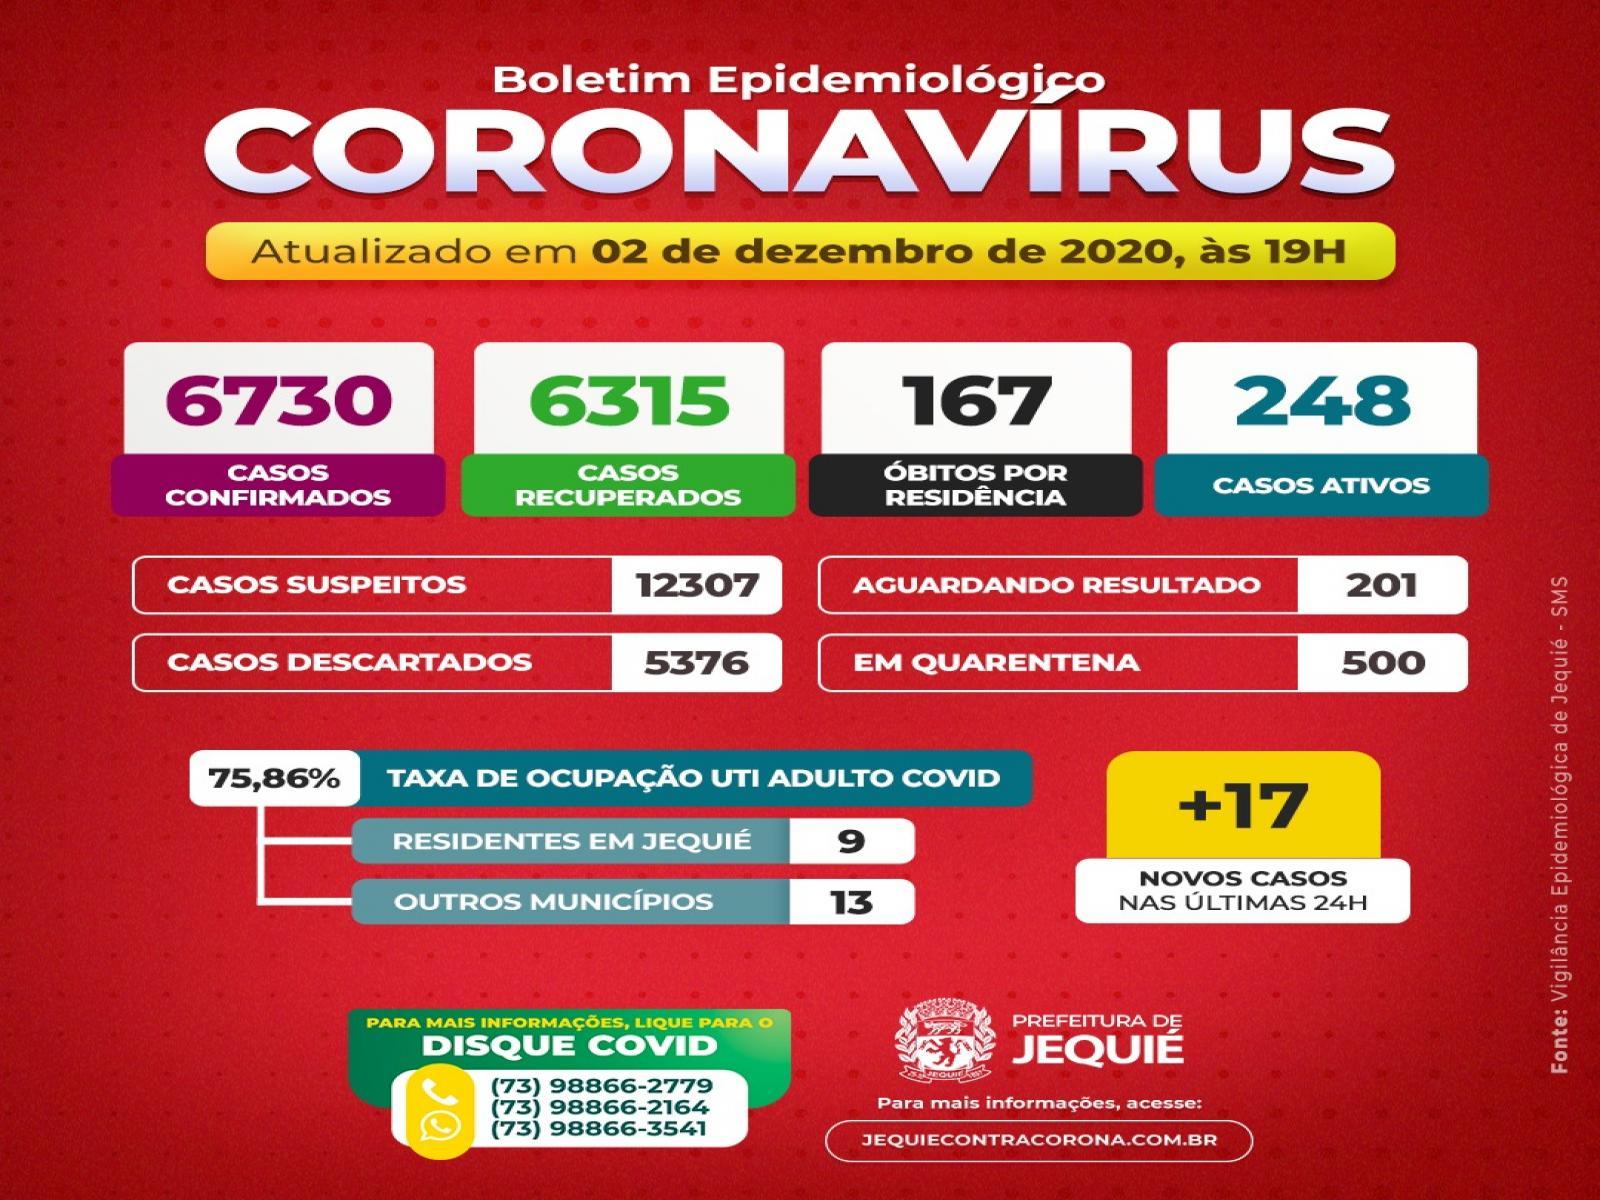 Boletim Epidemiológico do Coronavírus em Jequié registra mais uma morte